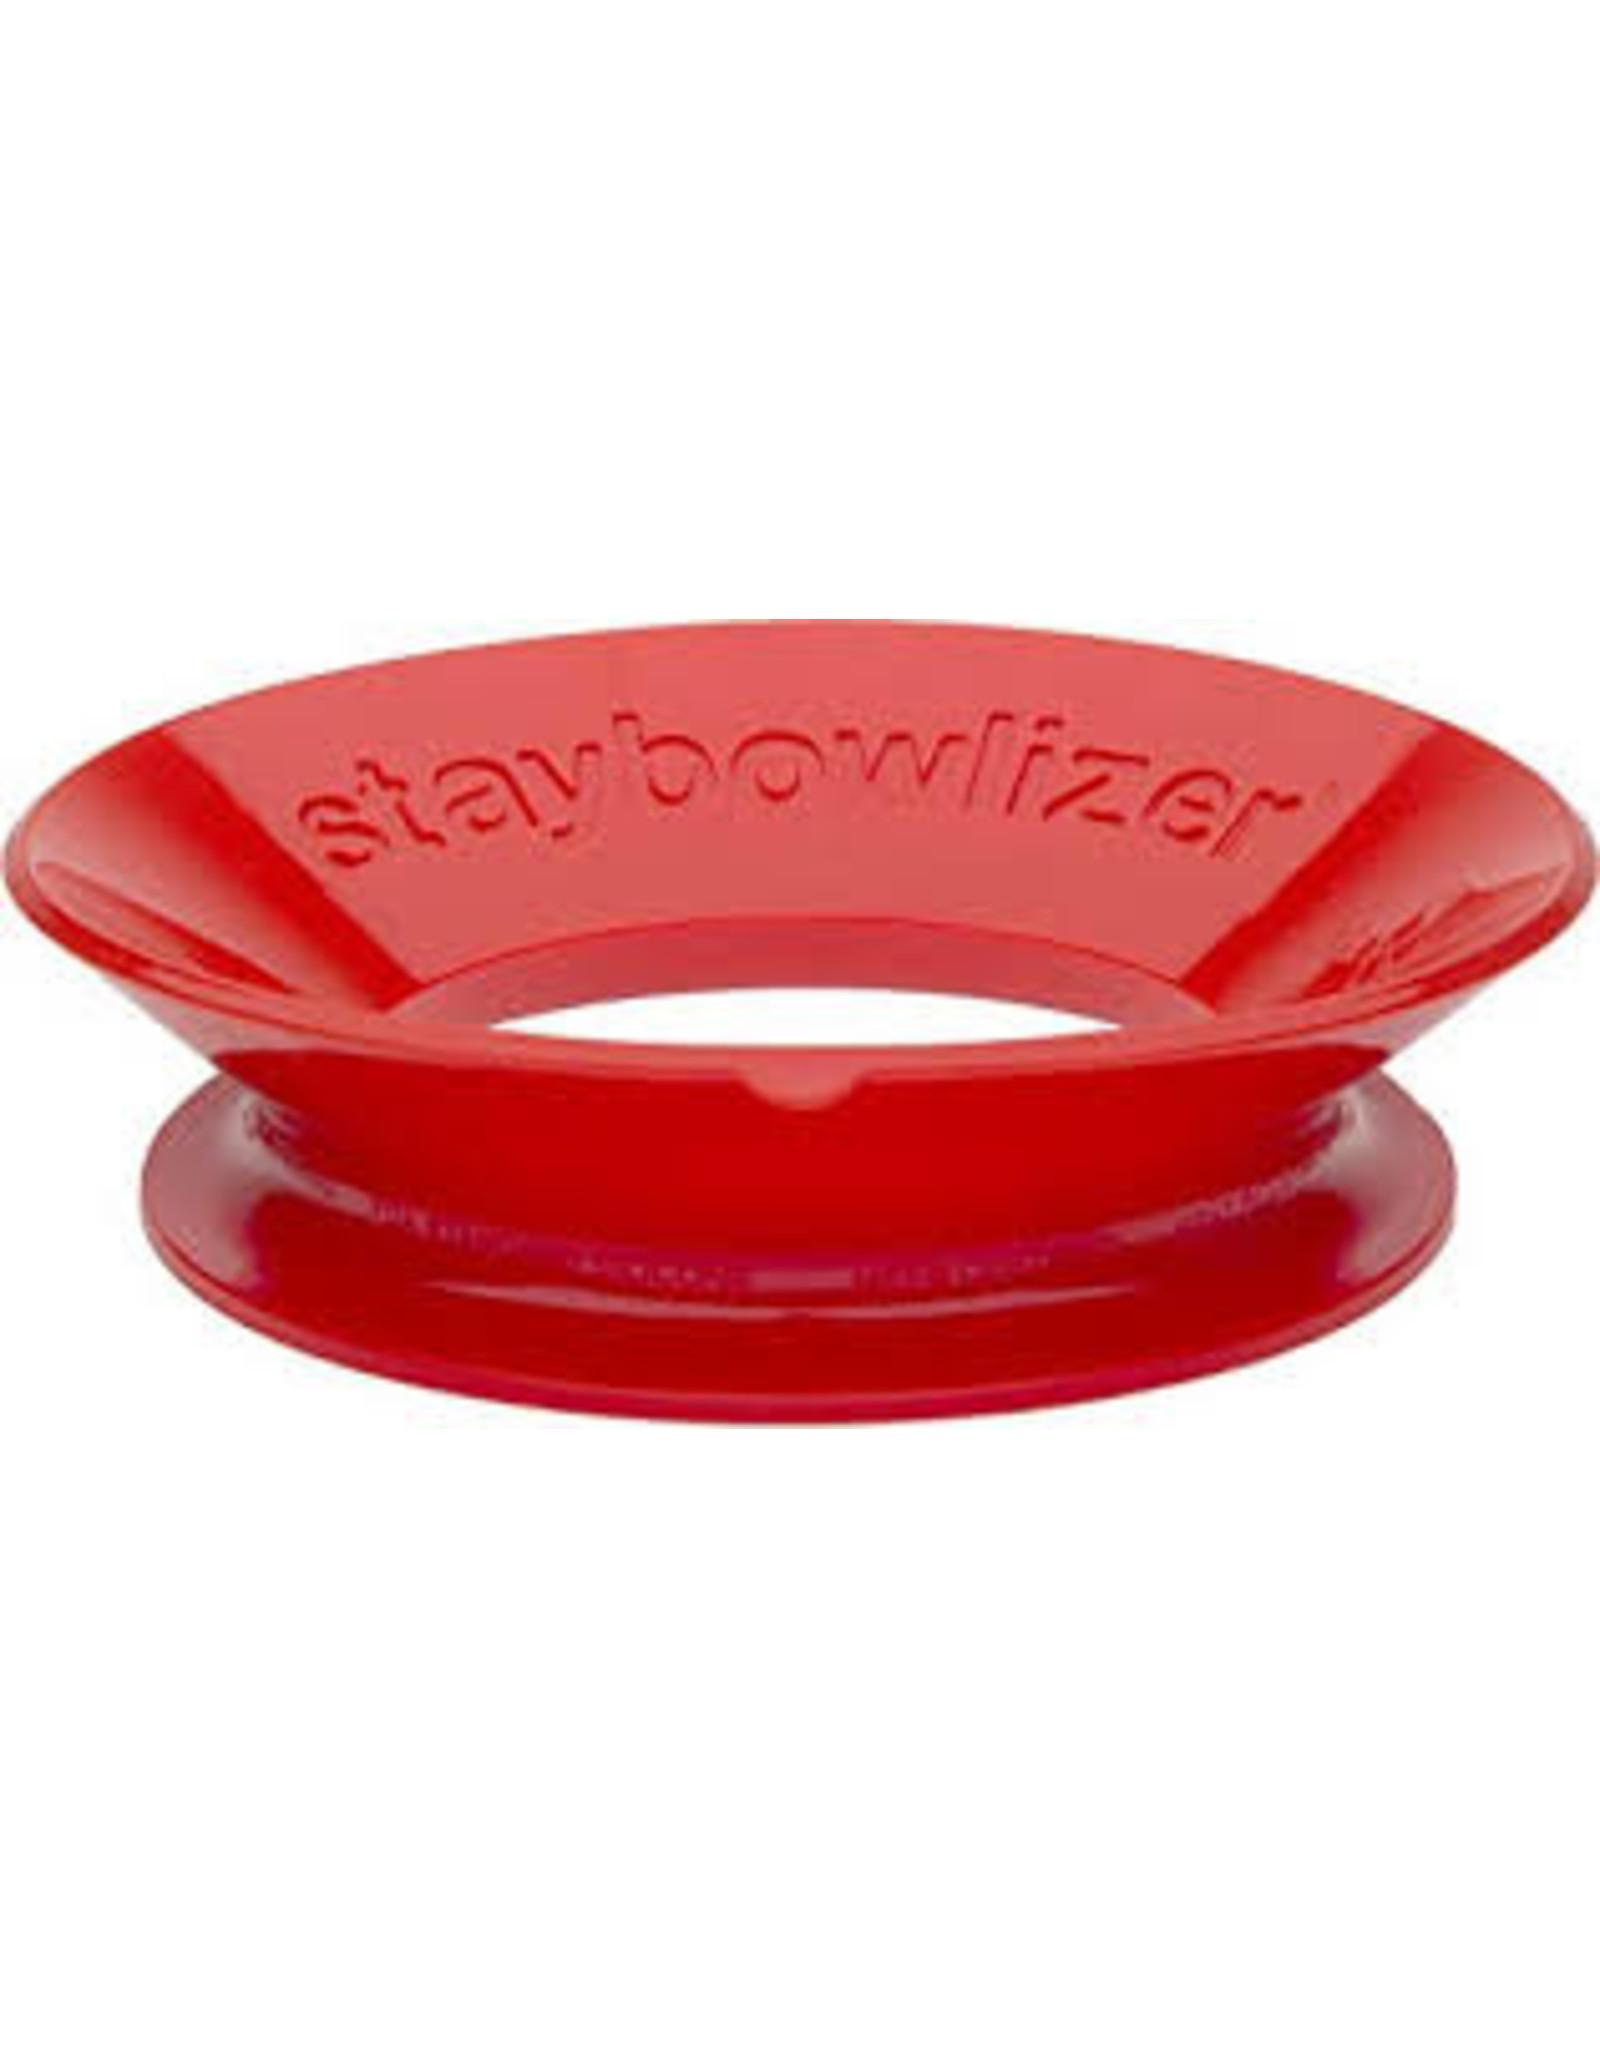 ND Staybowlizer